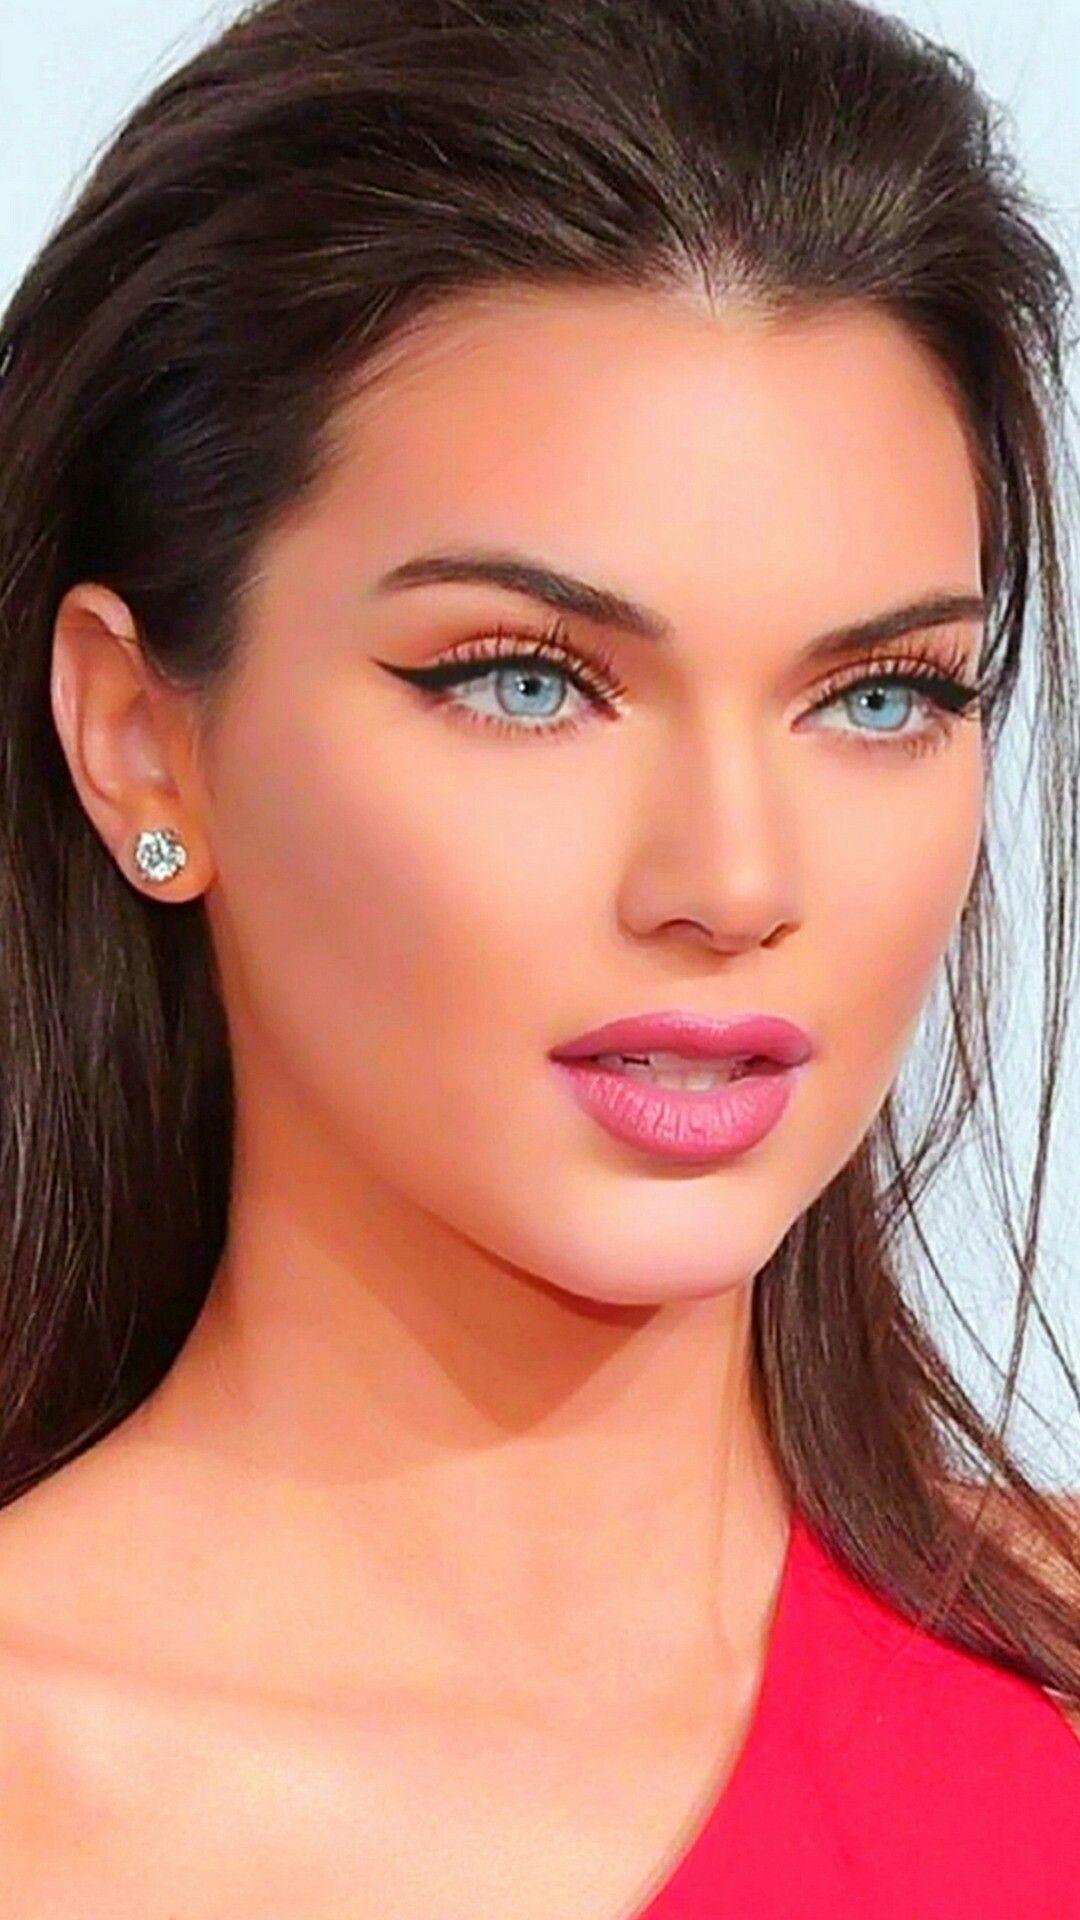 Hermosa En 2019 Chicas De Belleza Belleza Y Rostro Hermosos